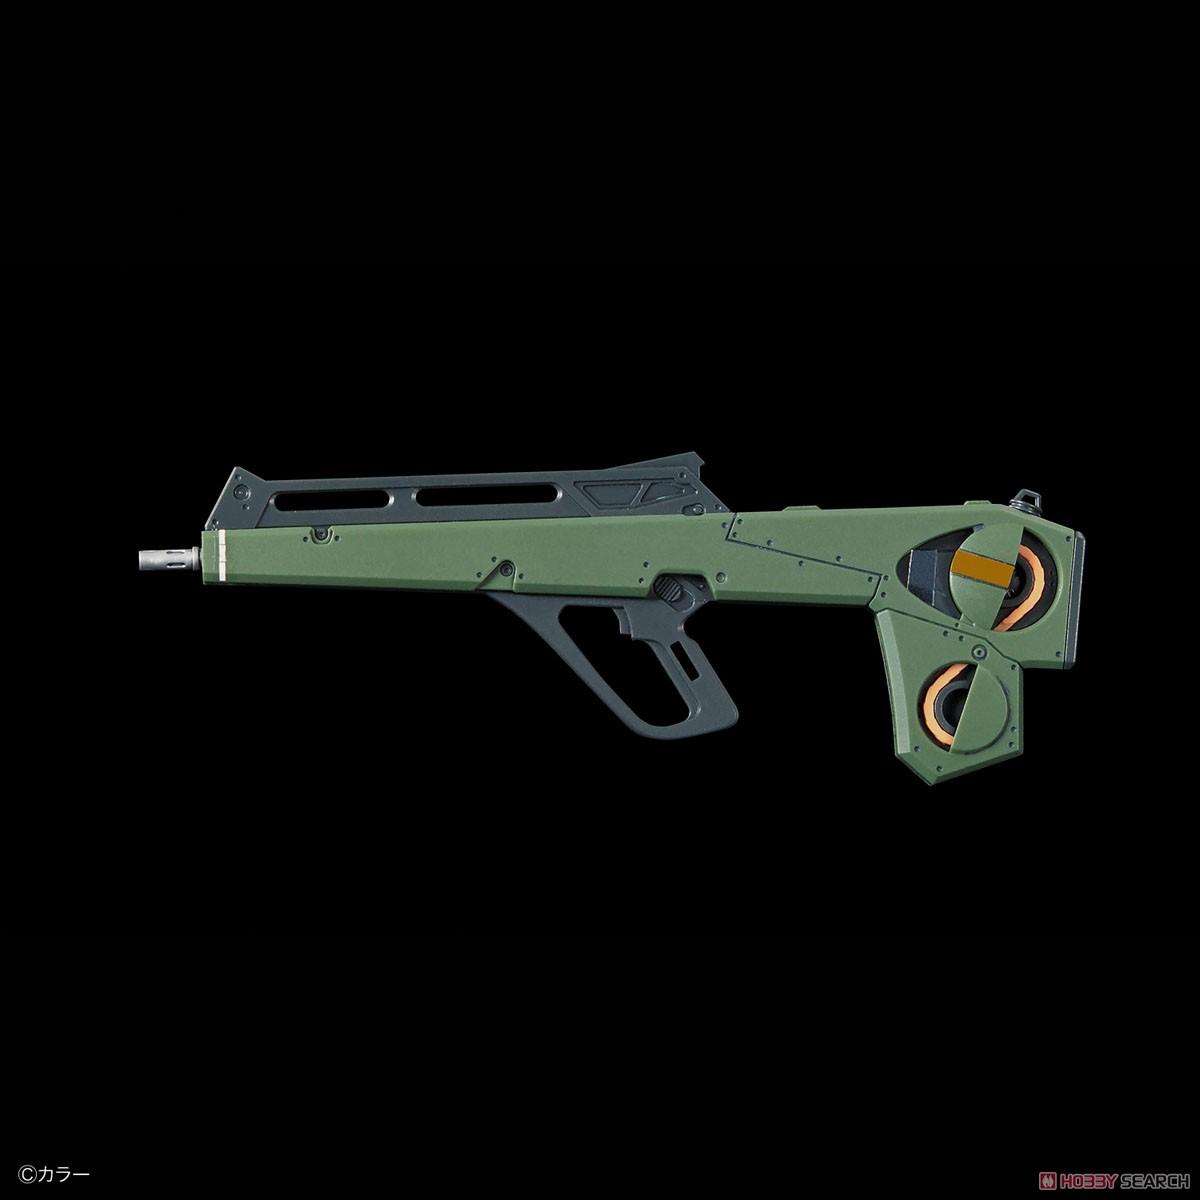 【8月再販】RG『汎用ヒト型決戦兵器 人造人間エヴァンゲリオン初号機』プラモデル-016